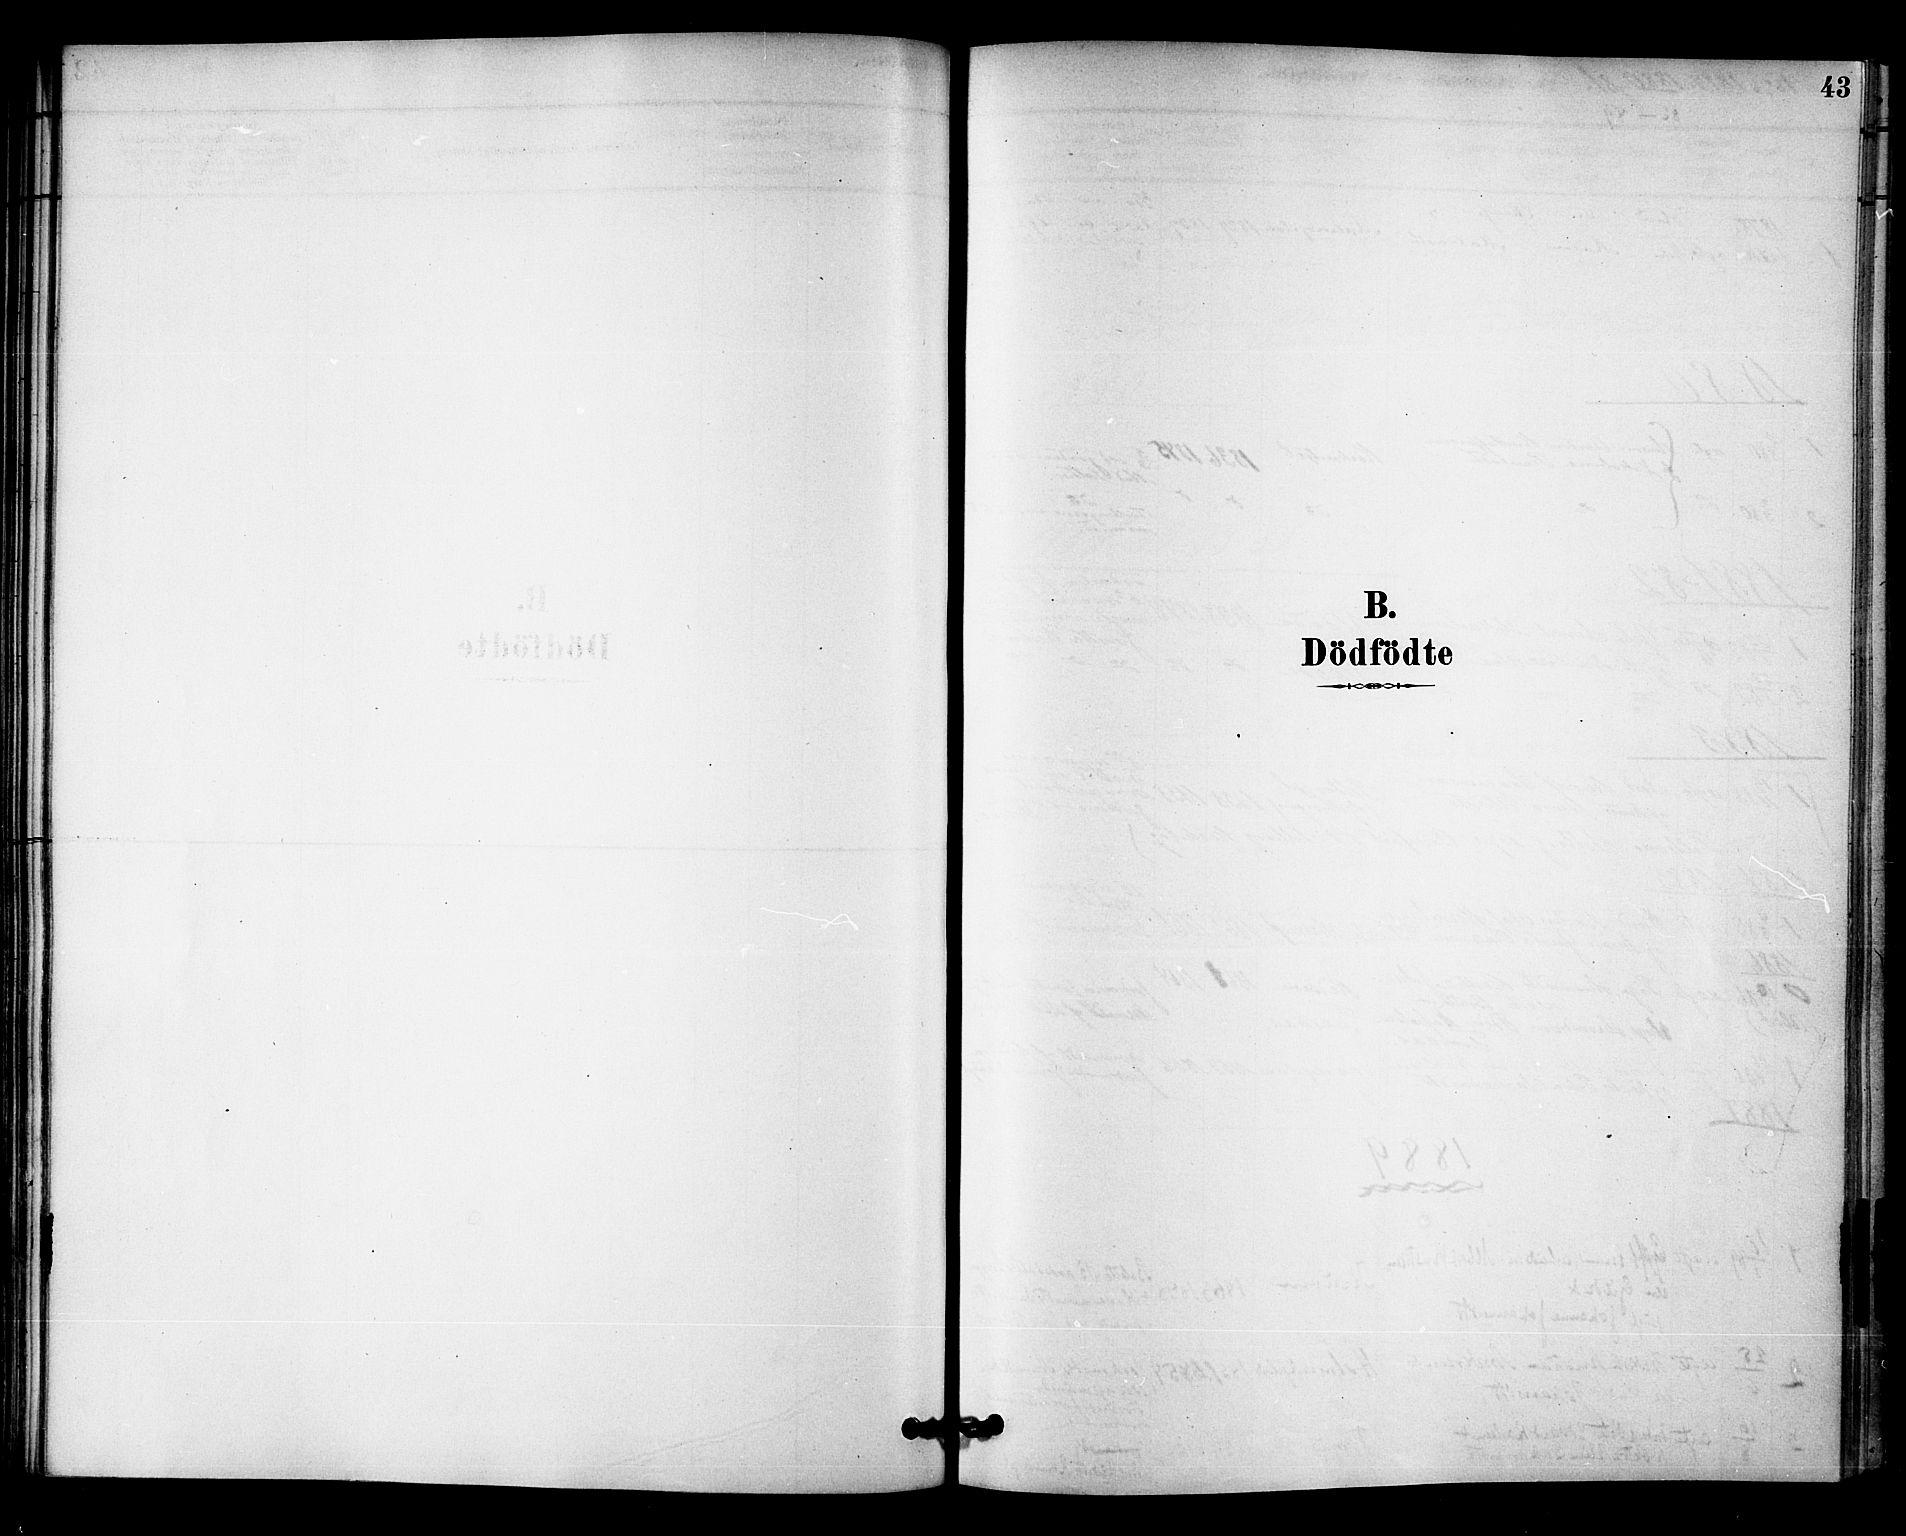 SAT, Ministerialprotokoller, klokkerbøker og fødselsregistre - Nord-Trøndelag, 745/L0429: Ministerialbok nr. 745A01, 1878-1894, s. 43